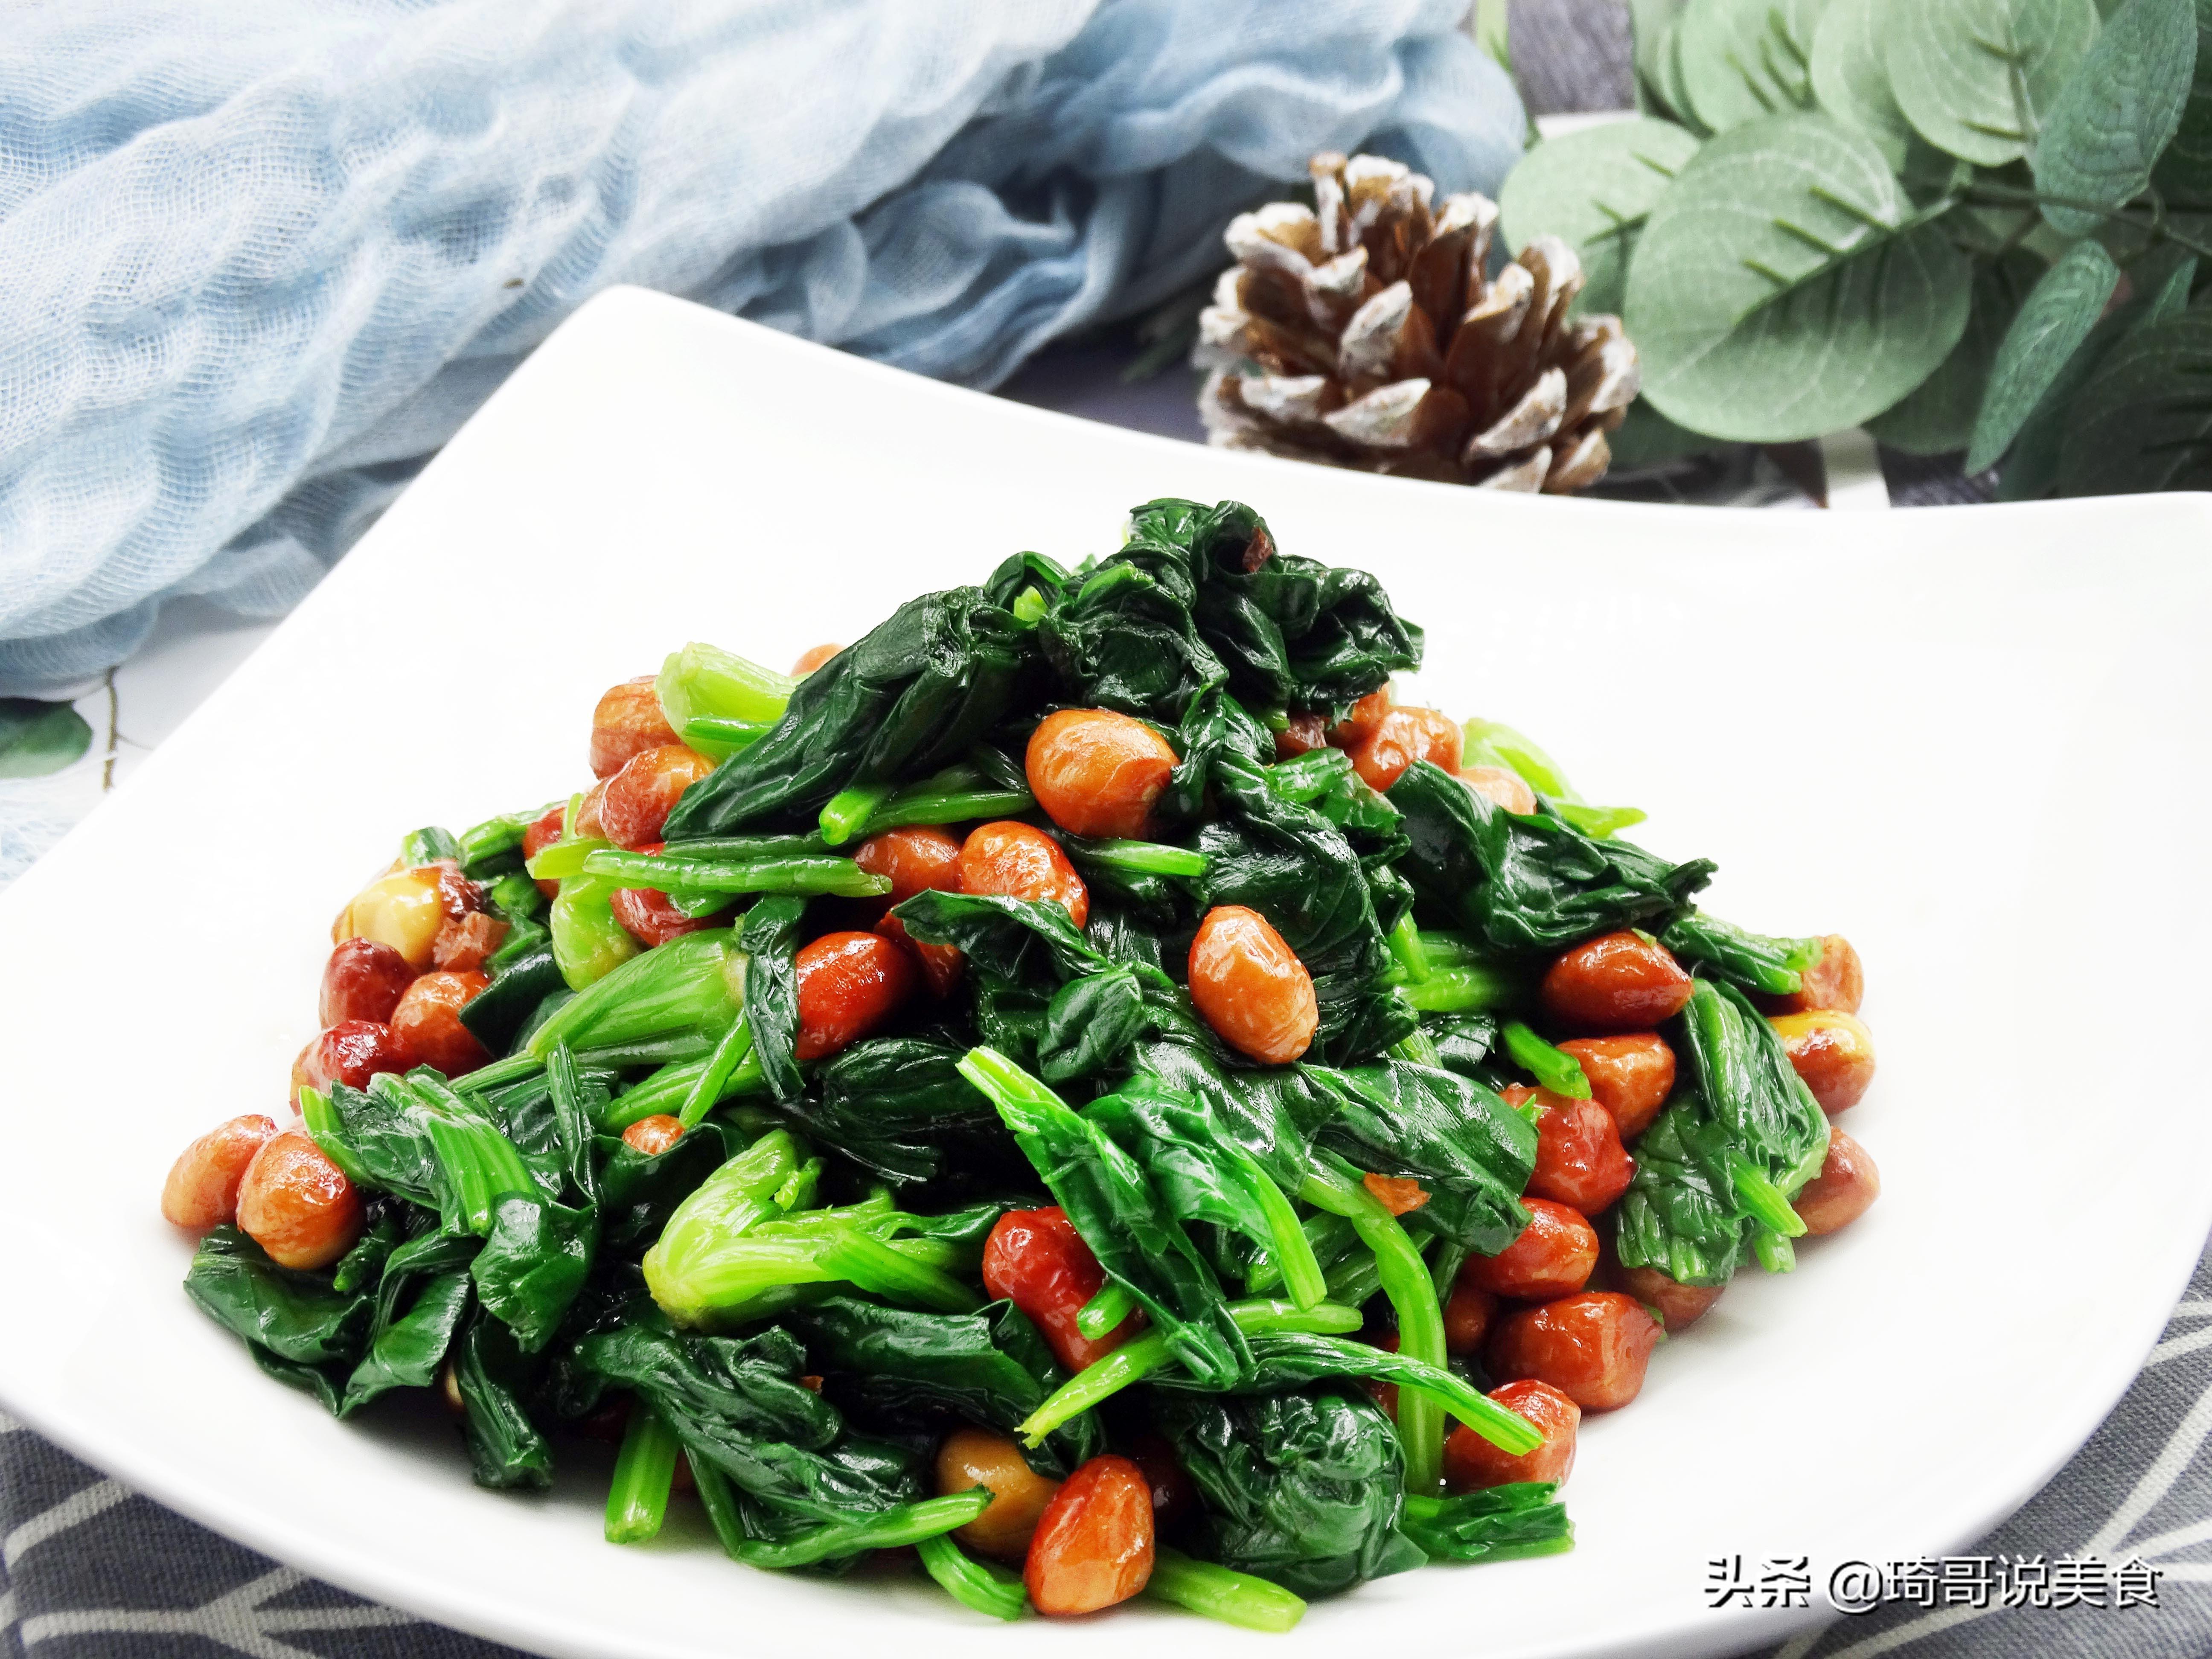 2021春节凉菜清单,比满桌鱼肉受欢迎,10道图解,简单易学 食材宝典 第6张